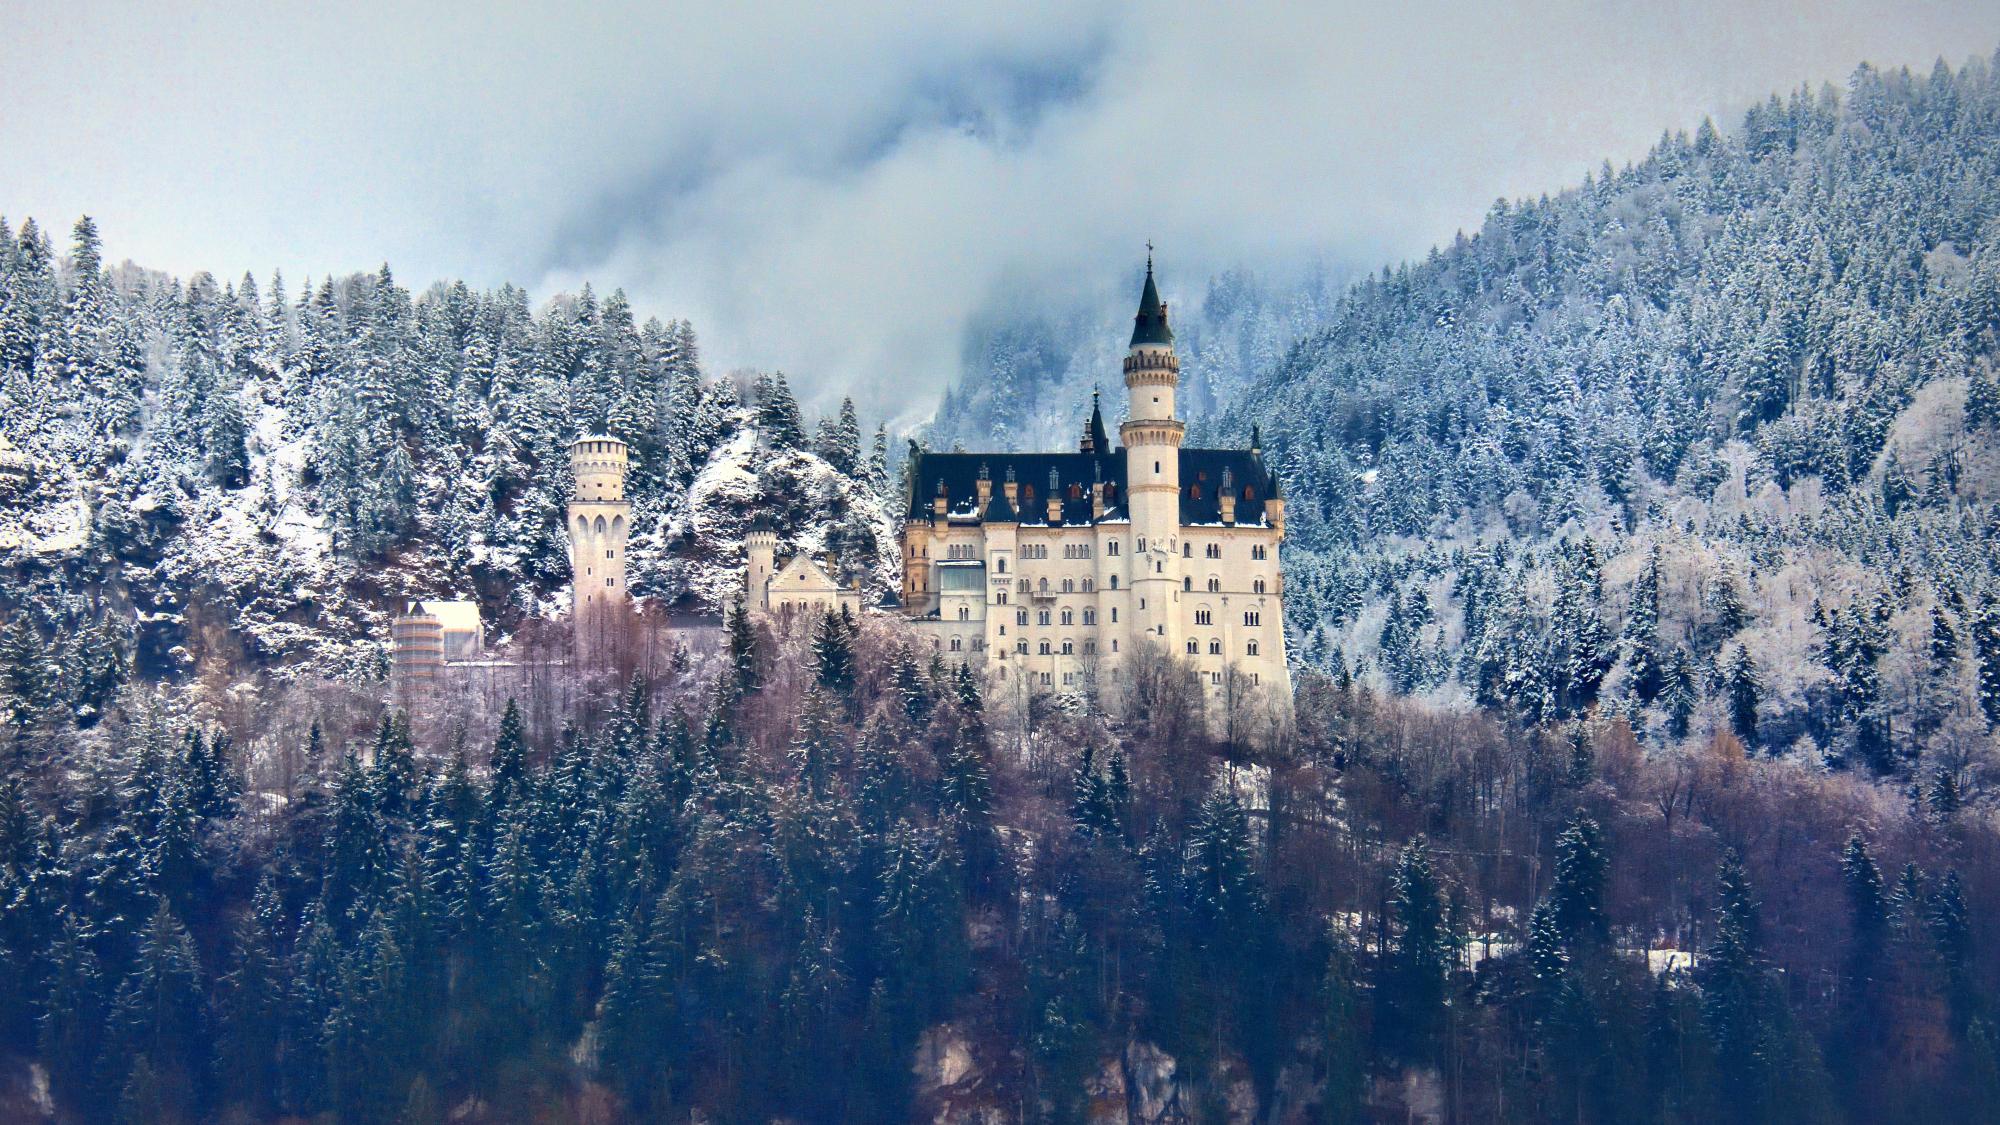 hintergrundbilder schlo neuschwanstein bayern hohenschwangau f ssen winter rock schnee. Black Bedroom Furniture Sets. Home Design Ideas